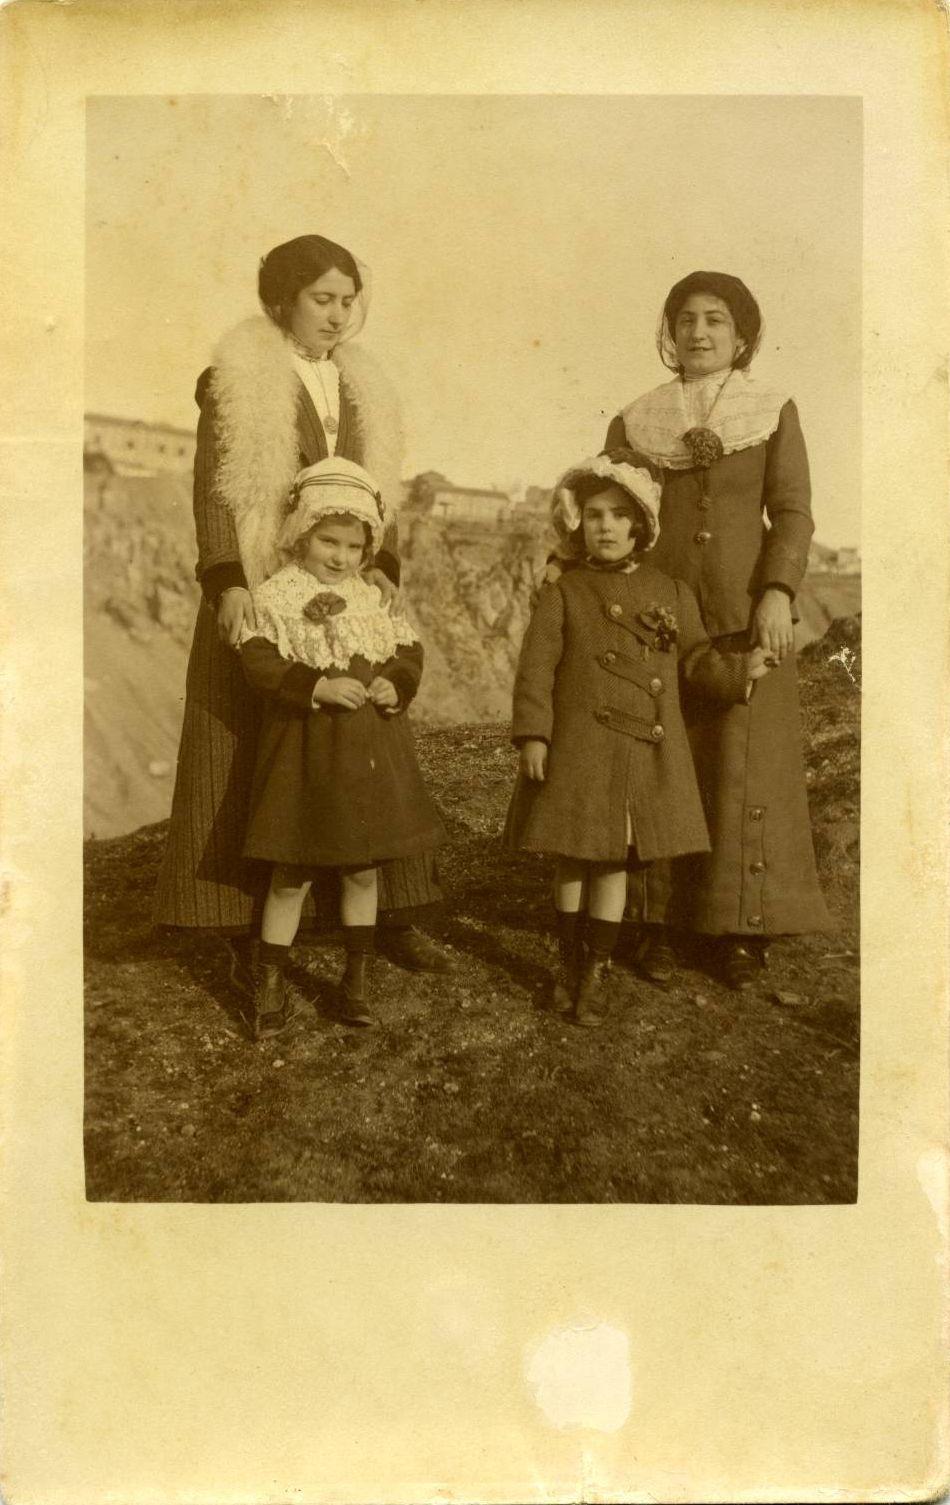 zñ.-La sobrina del pintor y otra joven con dos niñas